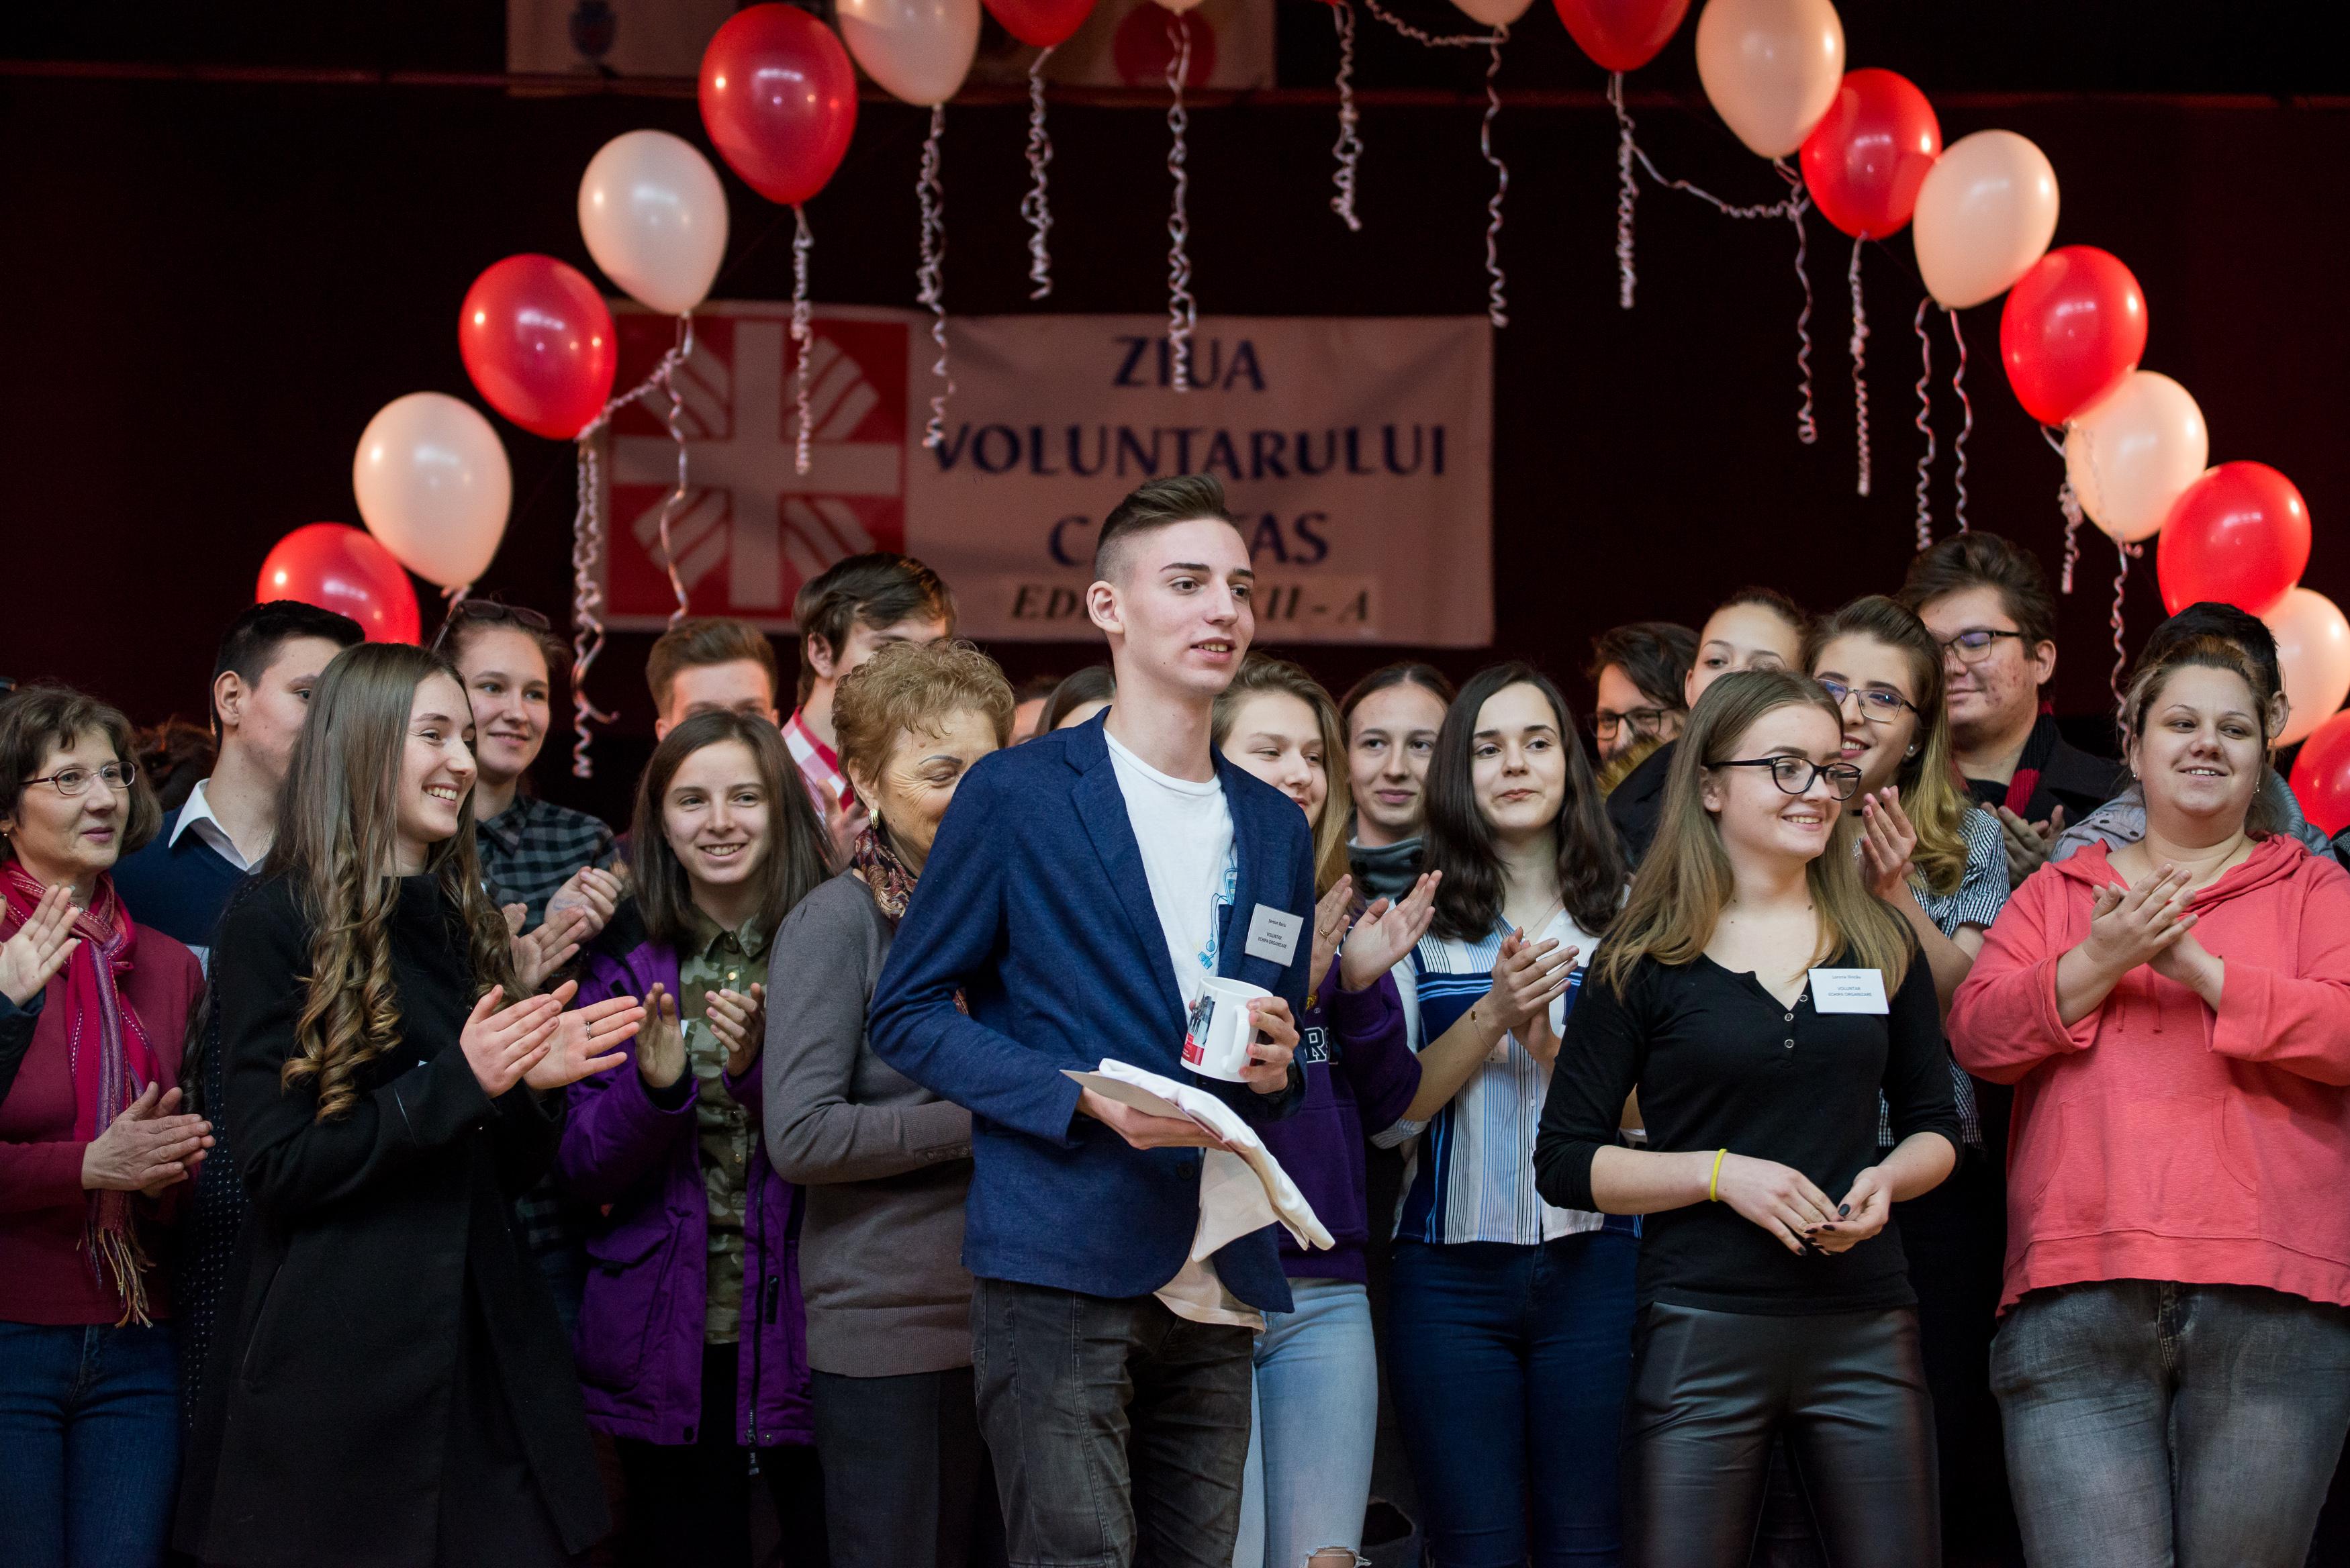 Voluntarii AsociaÈ›iei Caritas Eparhial Oradea au fost premiaÈ›i la cea de-a XII-a ediÈ›ie a Zilei Voluntarului Caritas